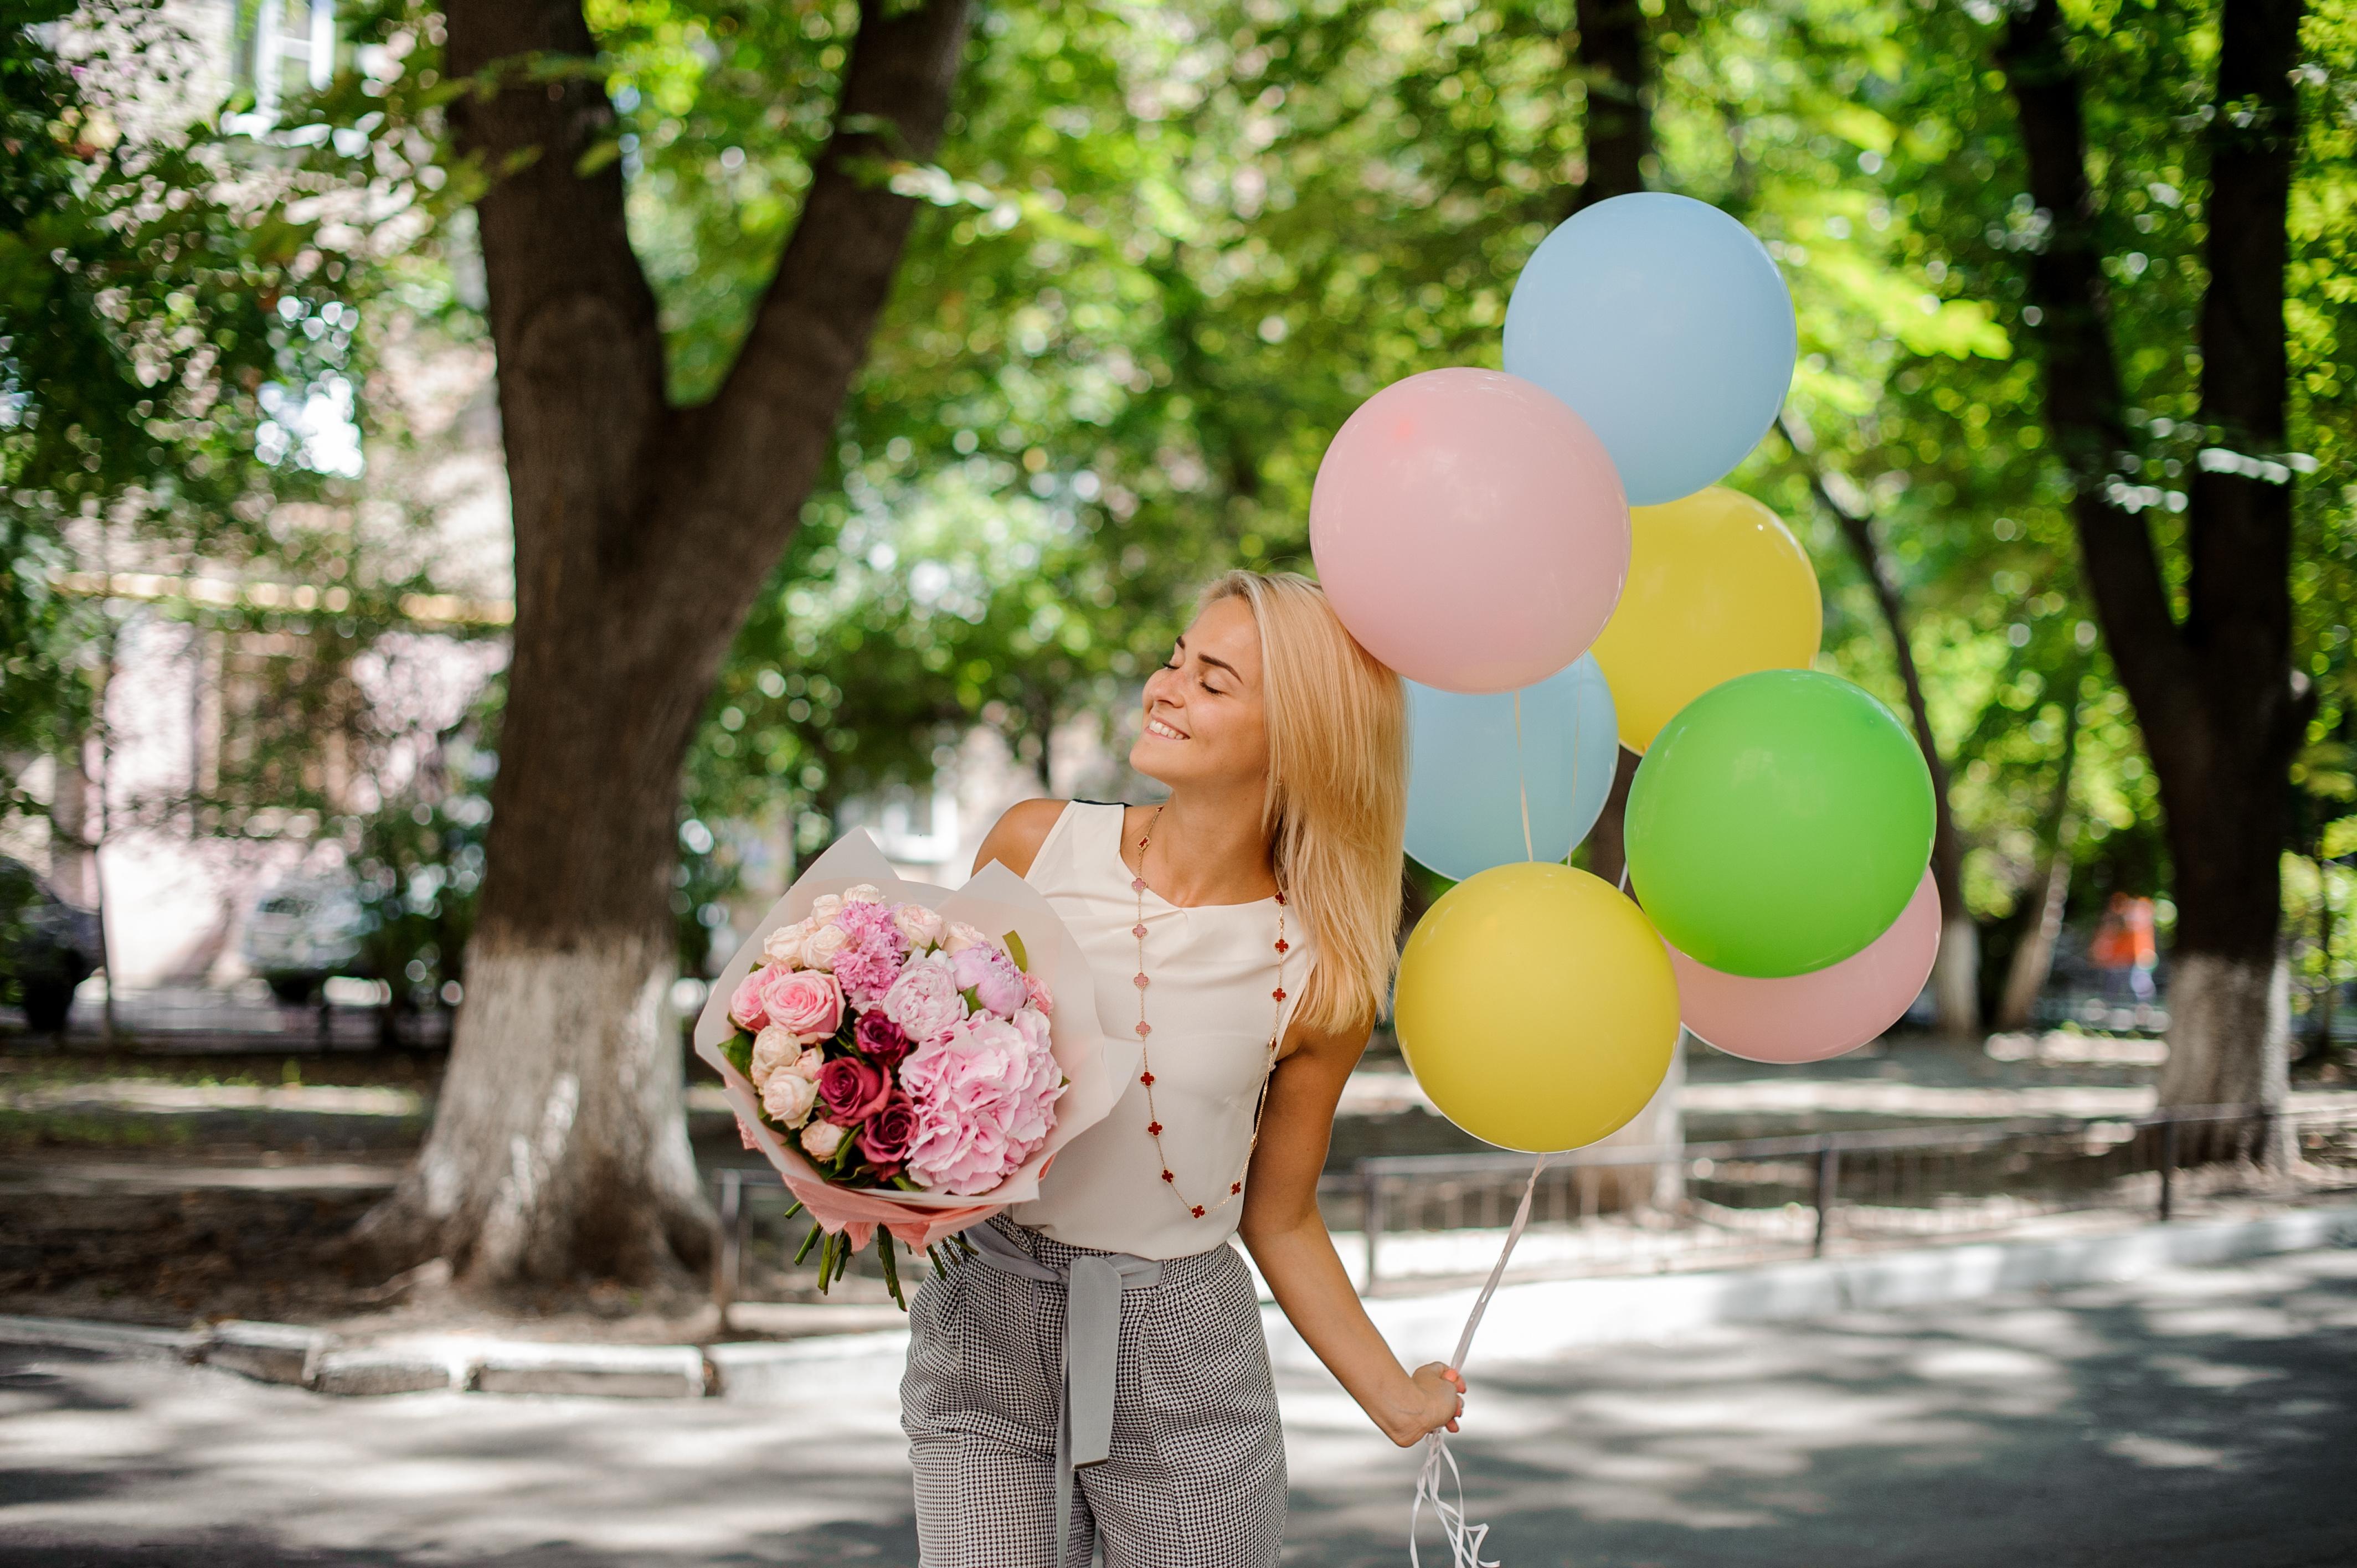 Kwiaty Na Urodziny 3 Sprawdzone Propozycje Blog 123kwiaty Pl